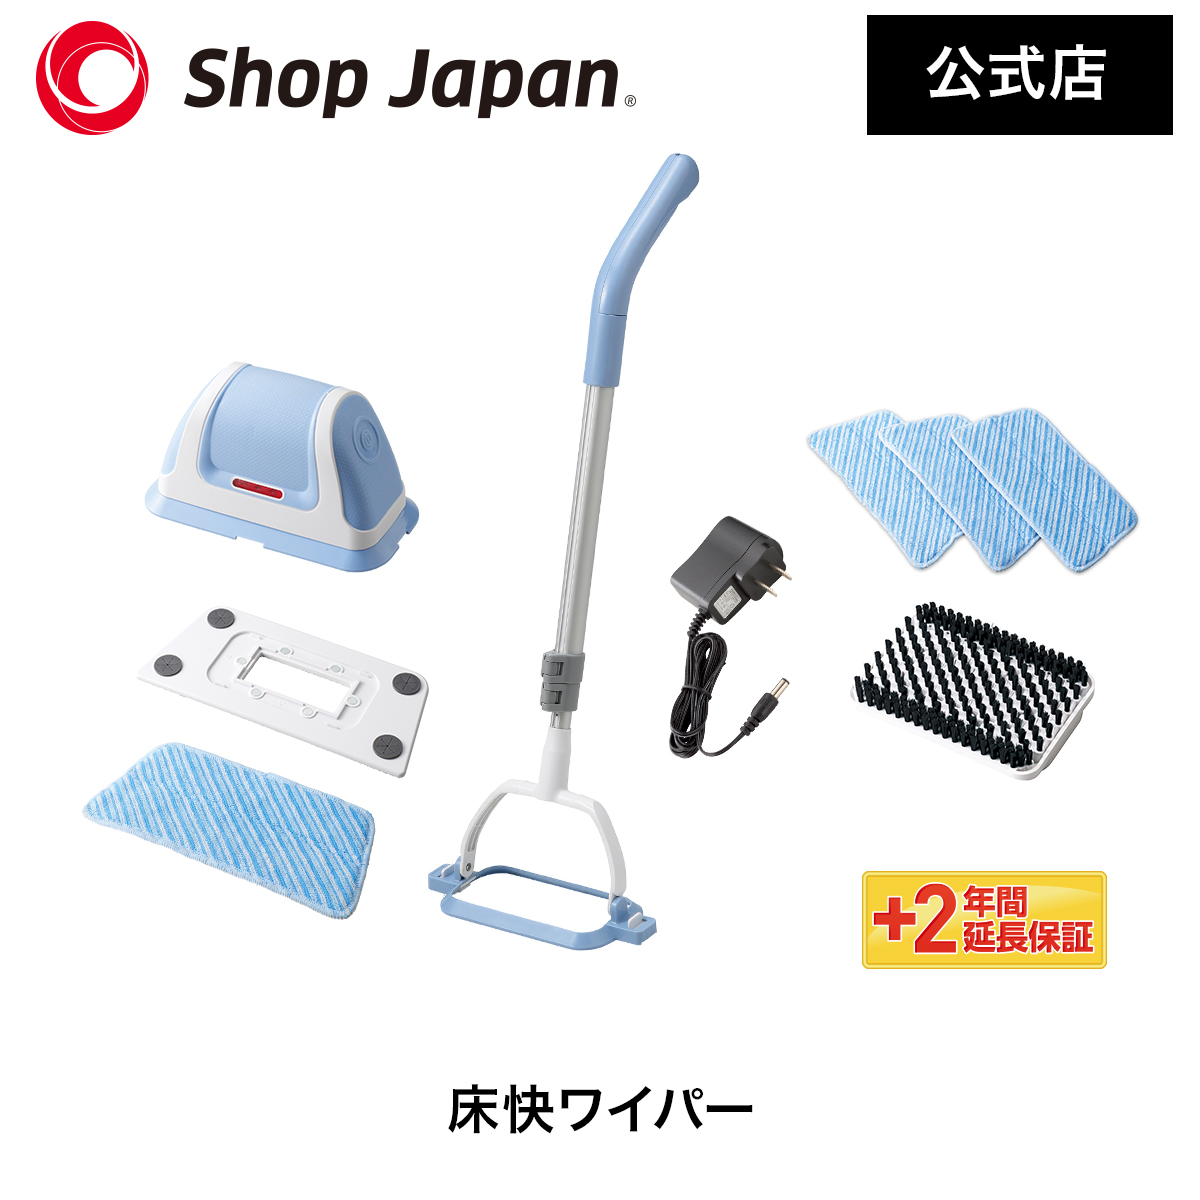 拭き掃除が簡単に!床快ワイパー ファイバーパッド3点&2年延長保証セット ゆかいワイパー 雑巾がけ 床掃除 拭き掃除